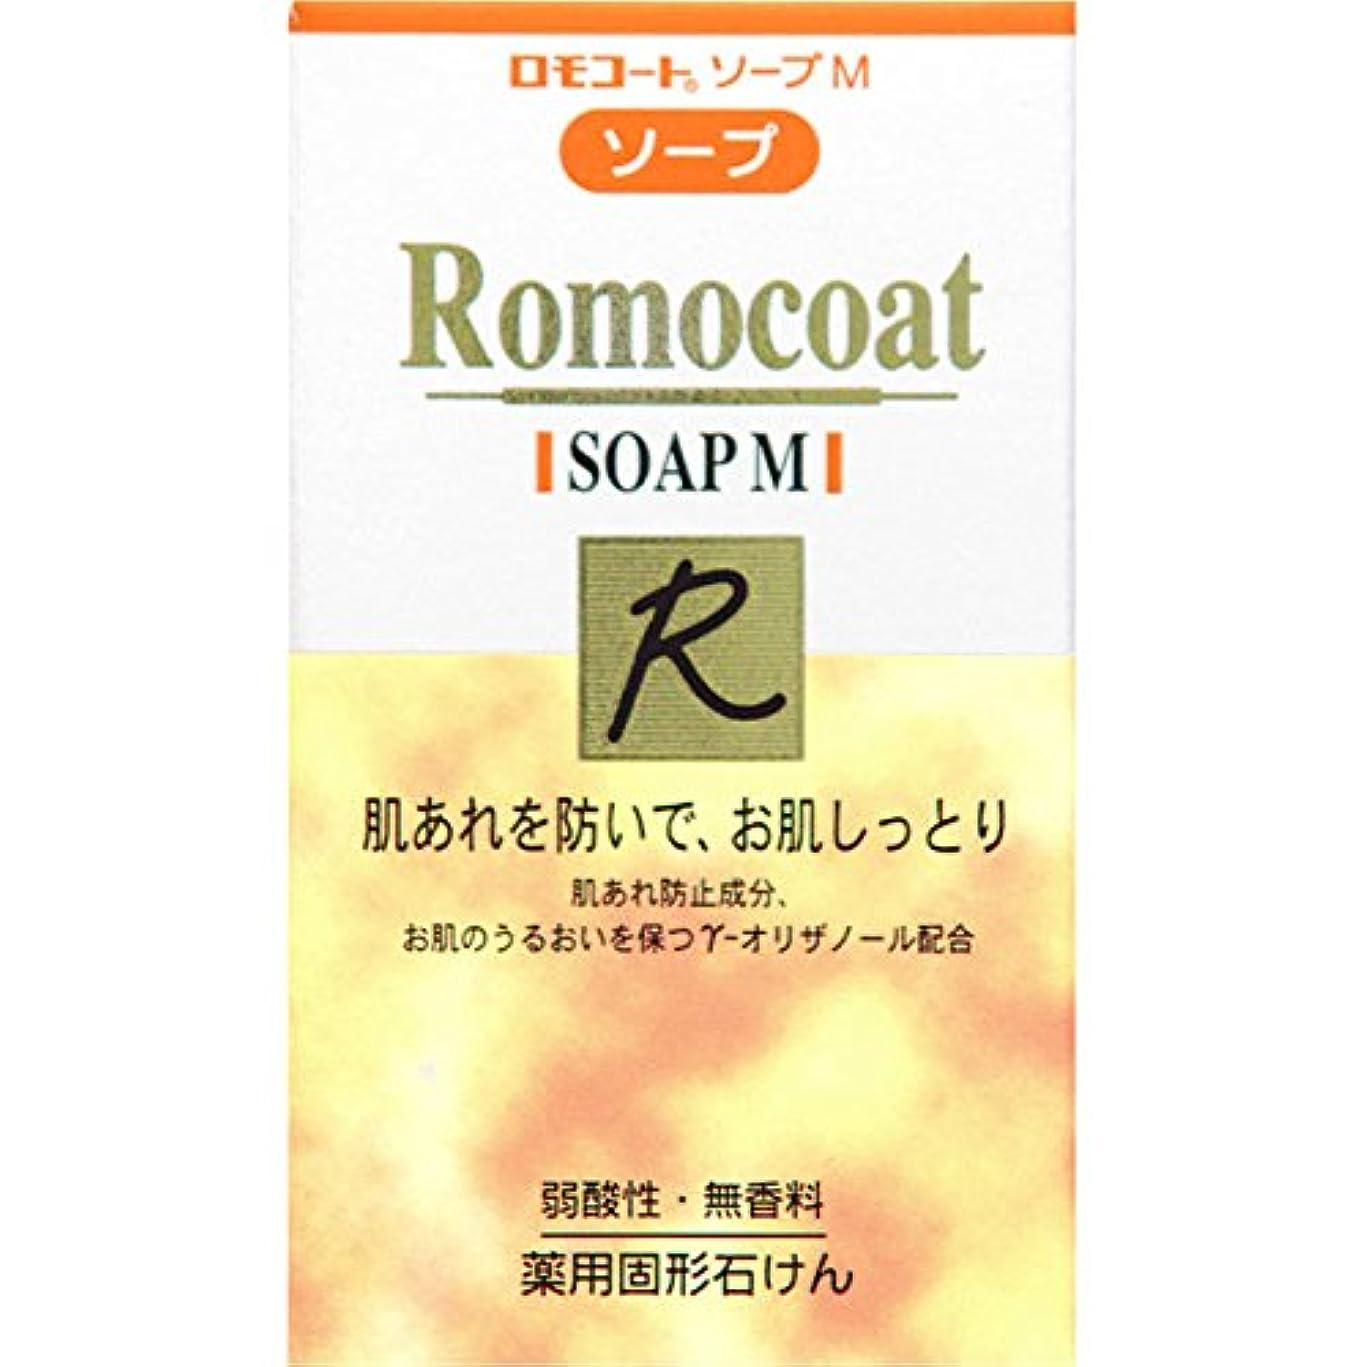 薄いです間剛性全薬工業 ロモコート ソープM 60g (医薬部外品)